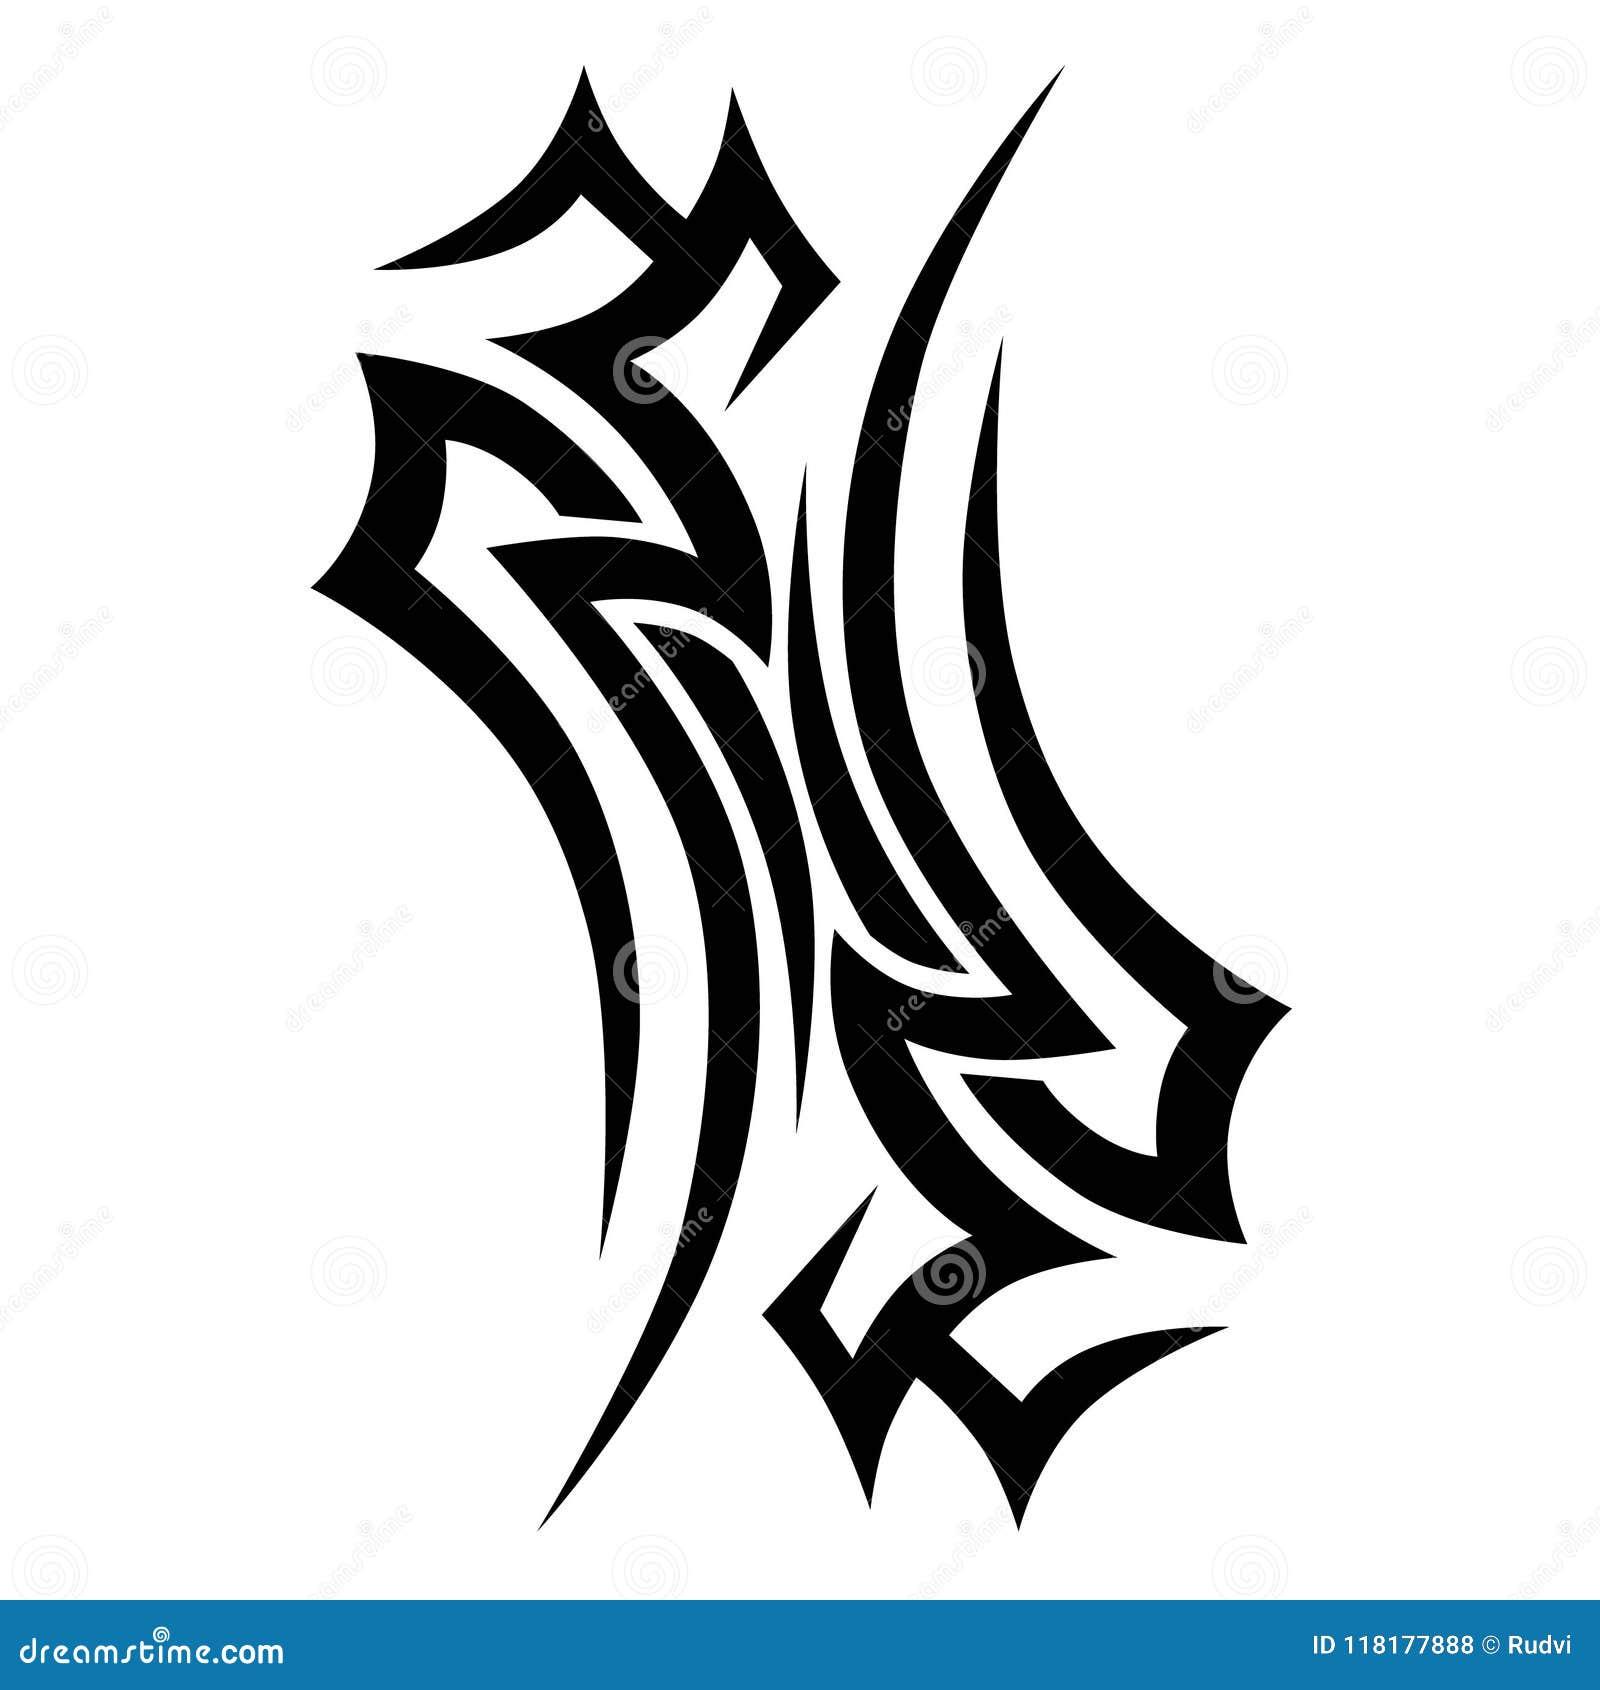 Tribal Tattoo Vector Design Sketch Stock Vector Illustration Of